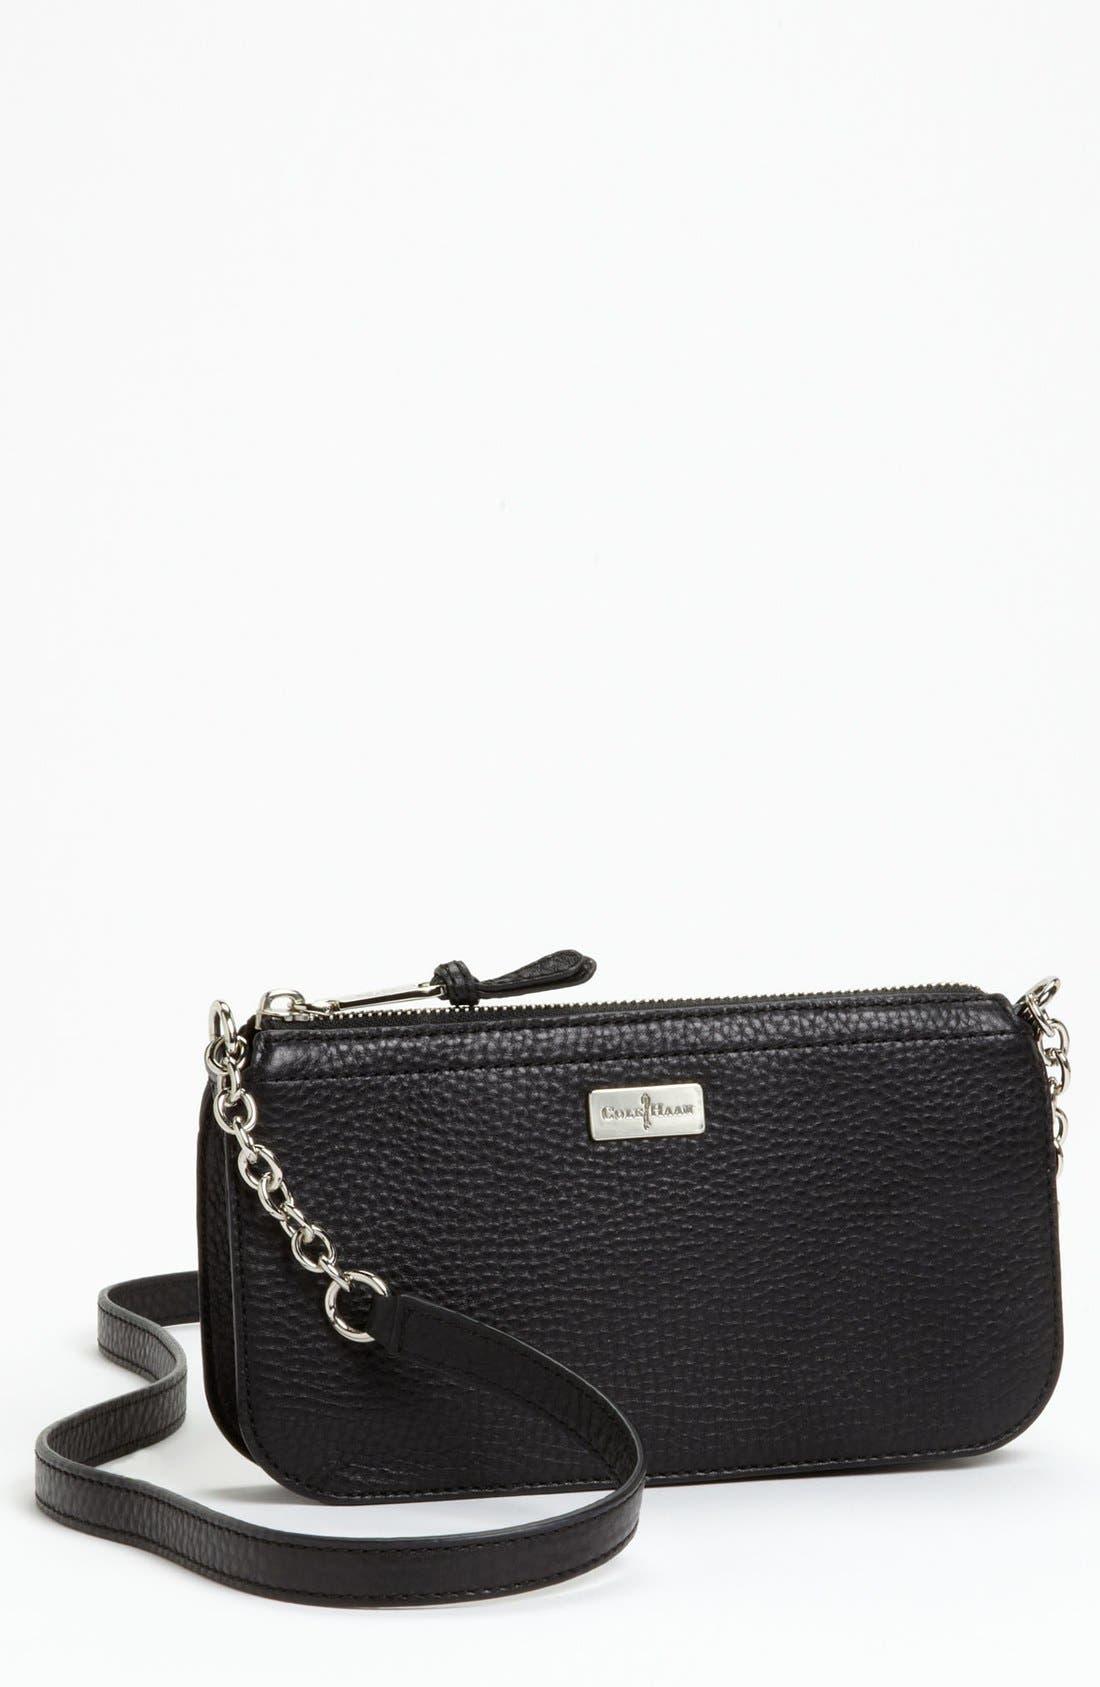 Main Image - Cole Haan 'Village' Zip Top Crossbody Bag